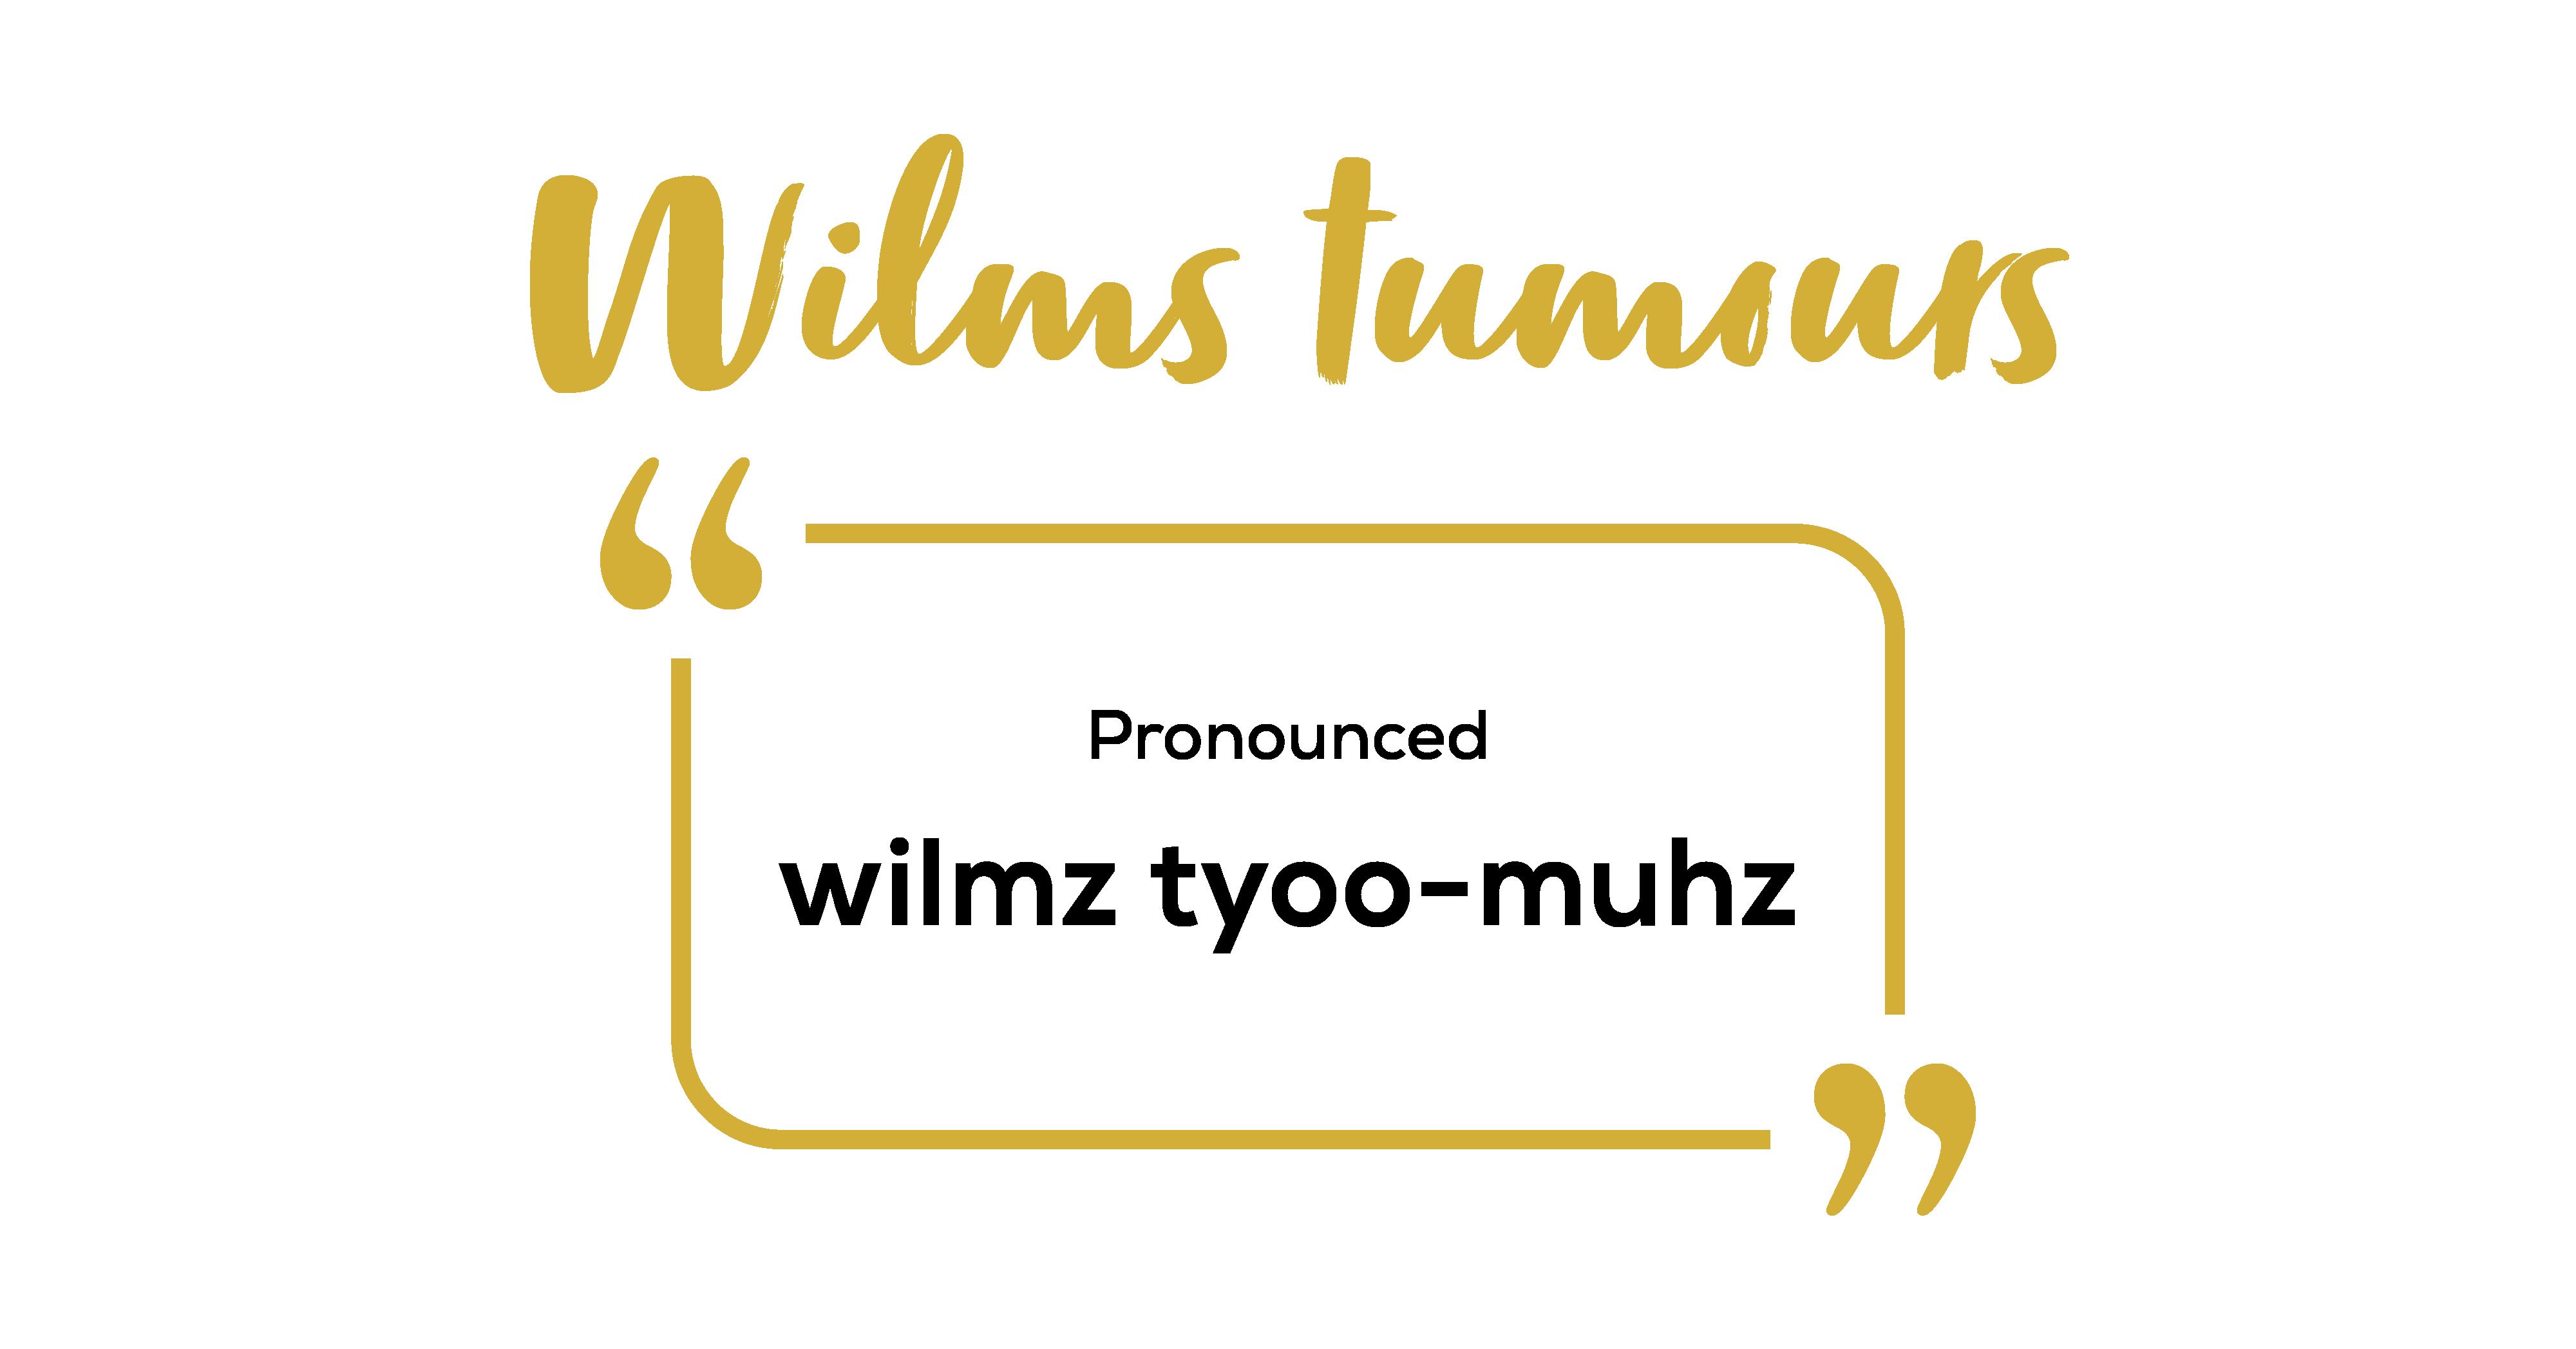 wilms tumours